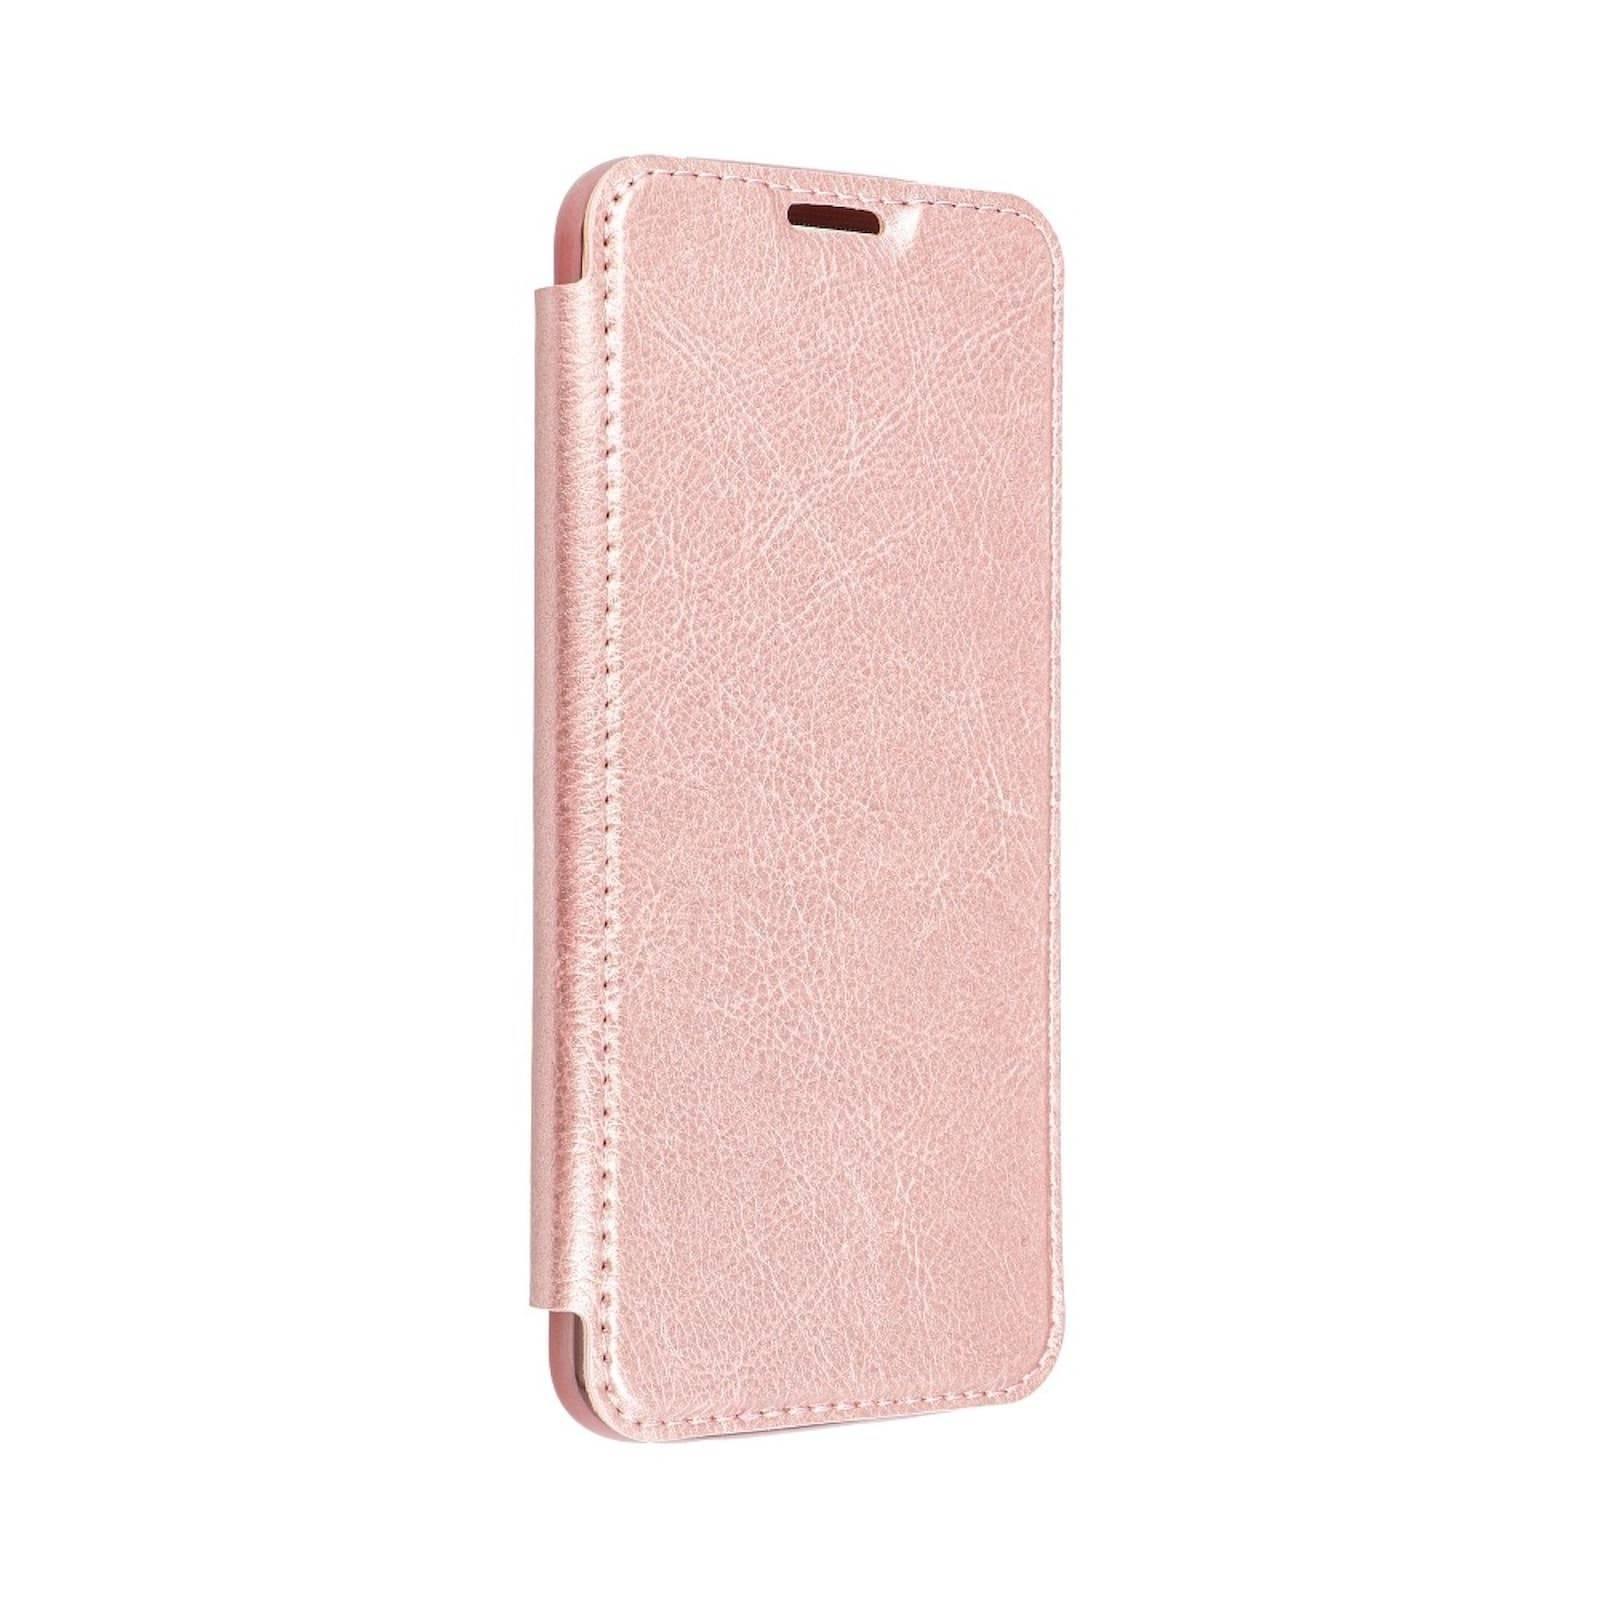 Coque Etui Electro Book pour Samsung S8 PLUS rose Or